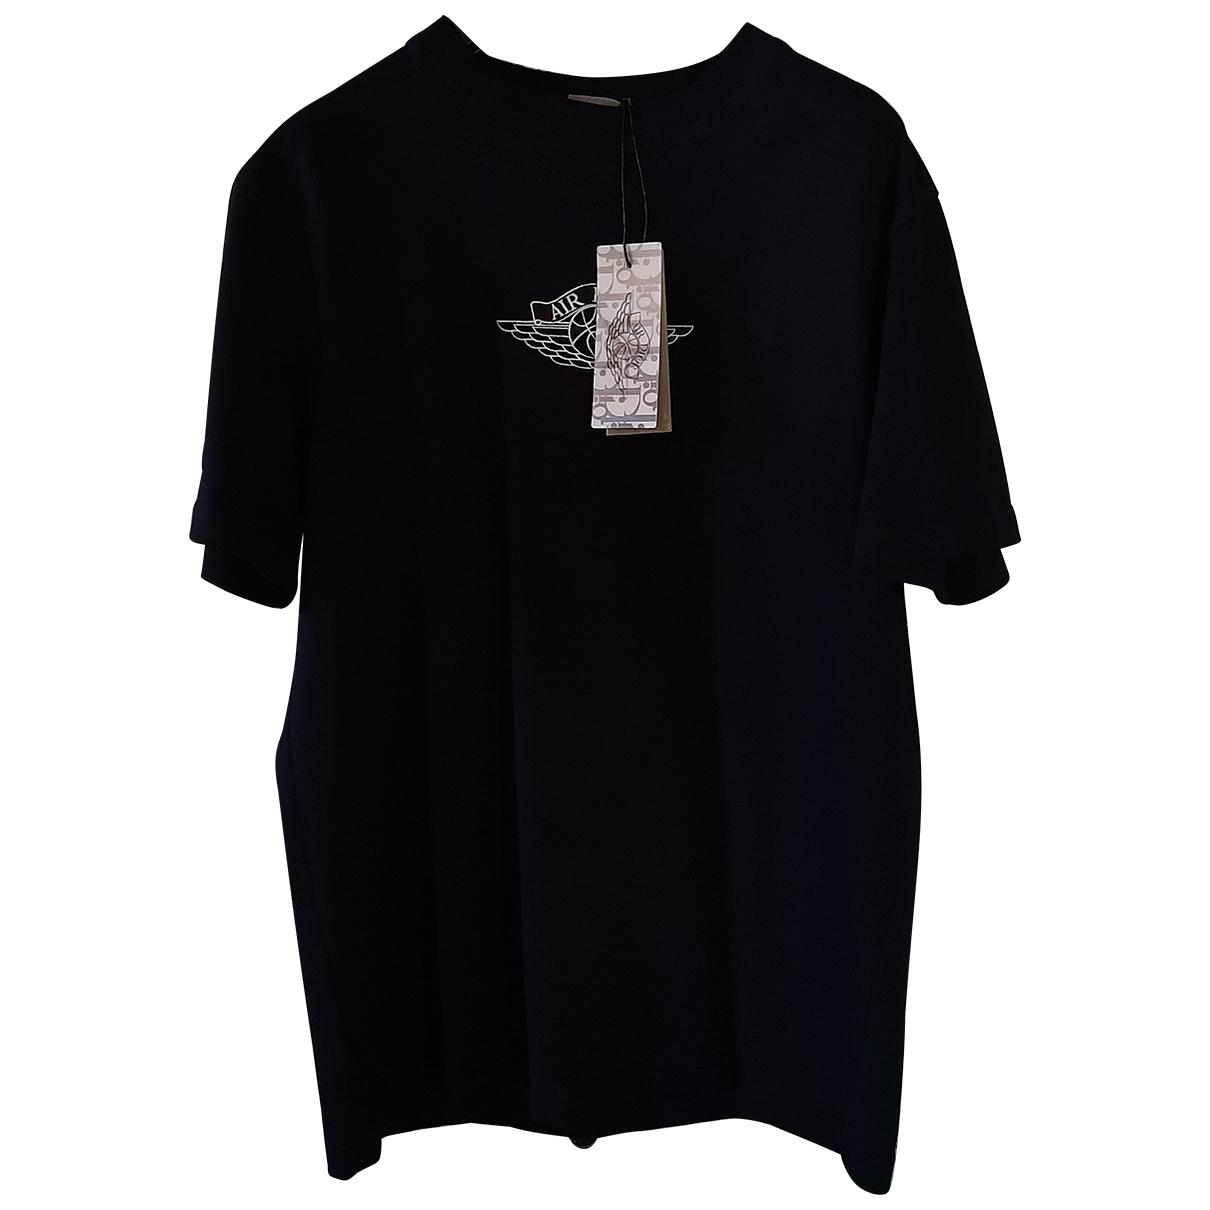 Jordan X Dior - Tee shirts   pour homme en coton - noir